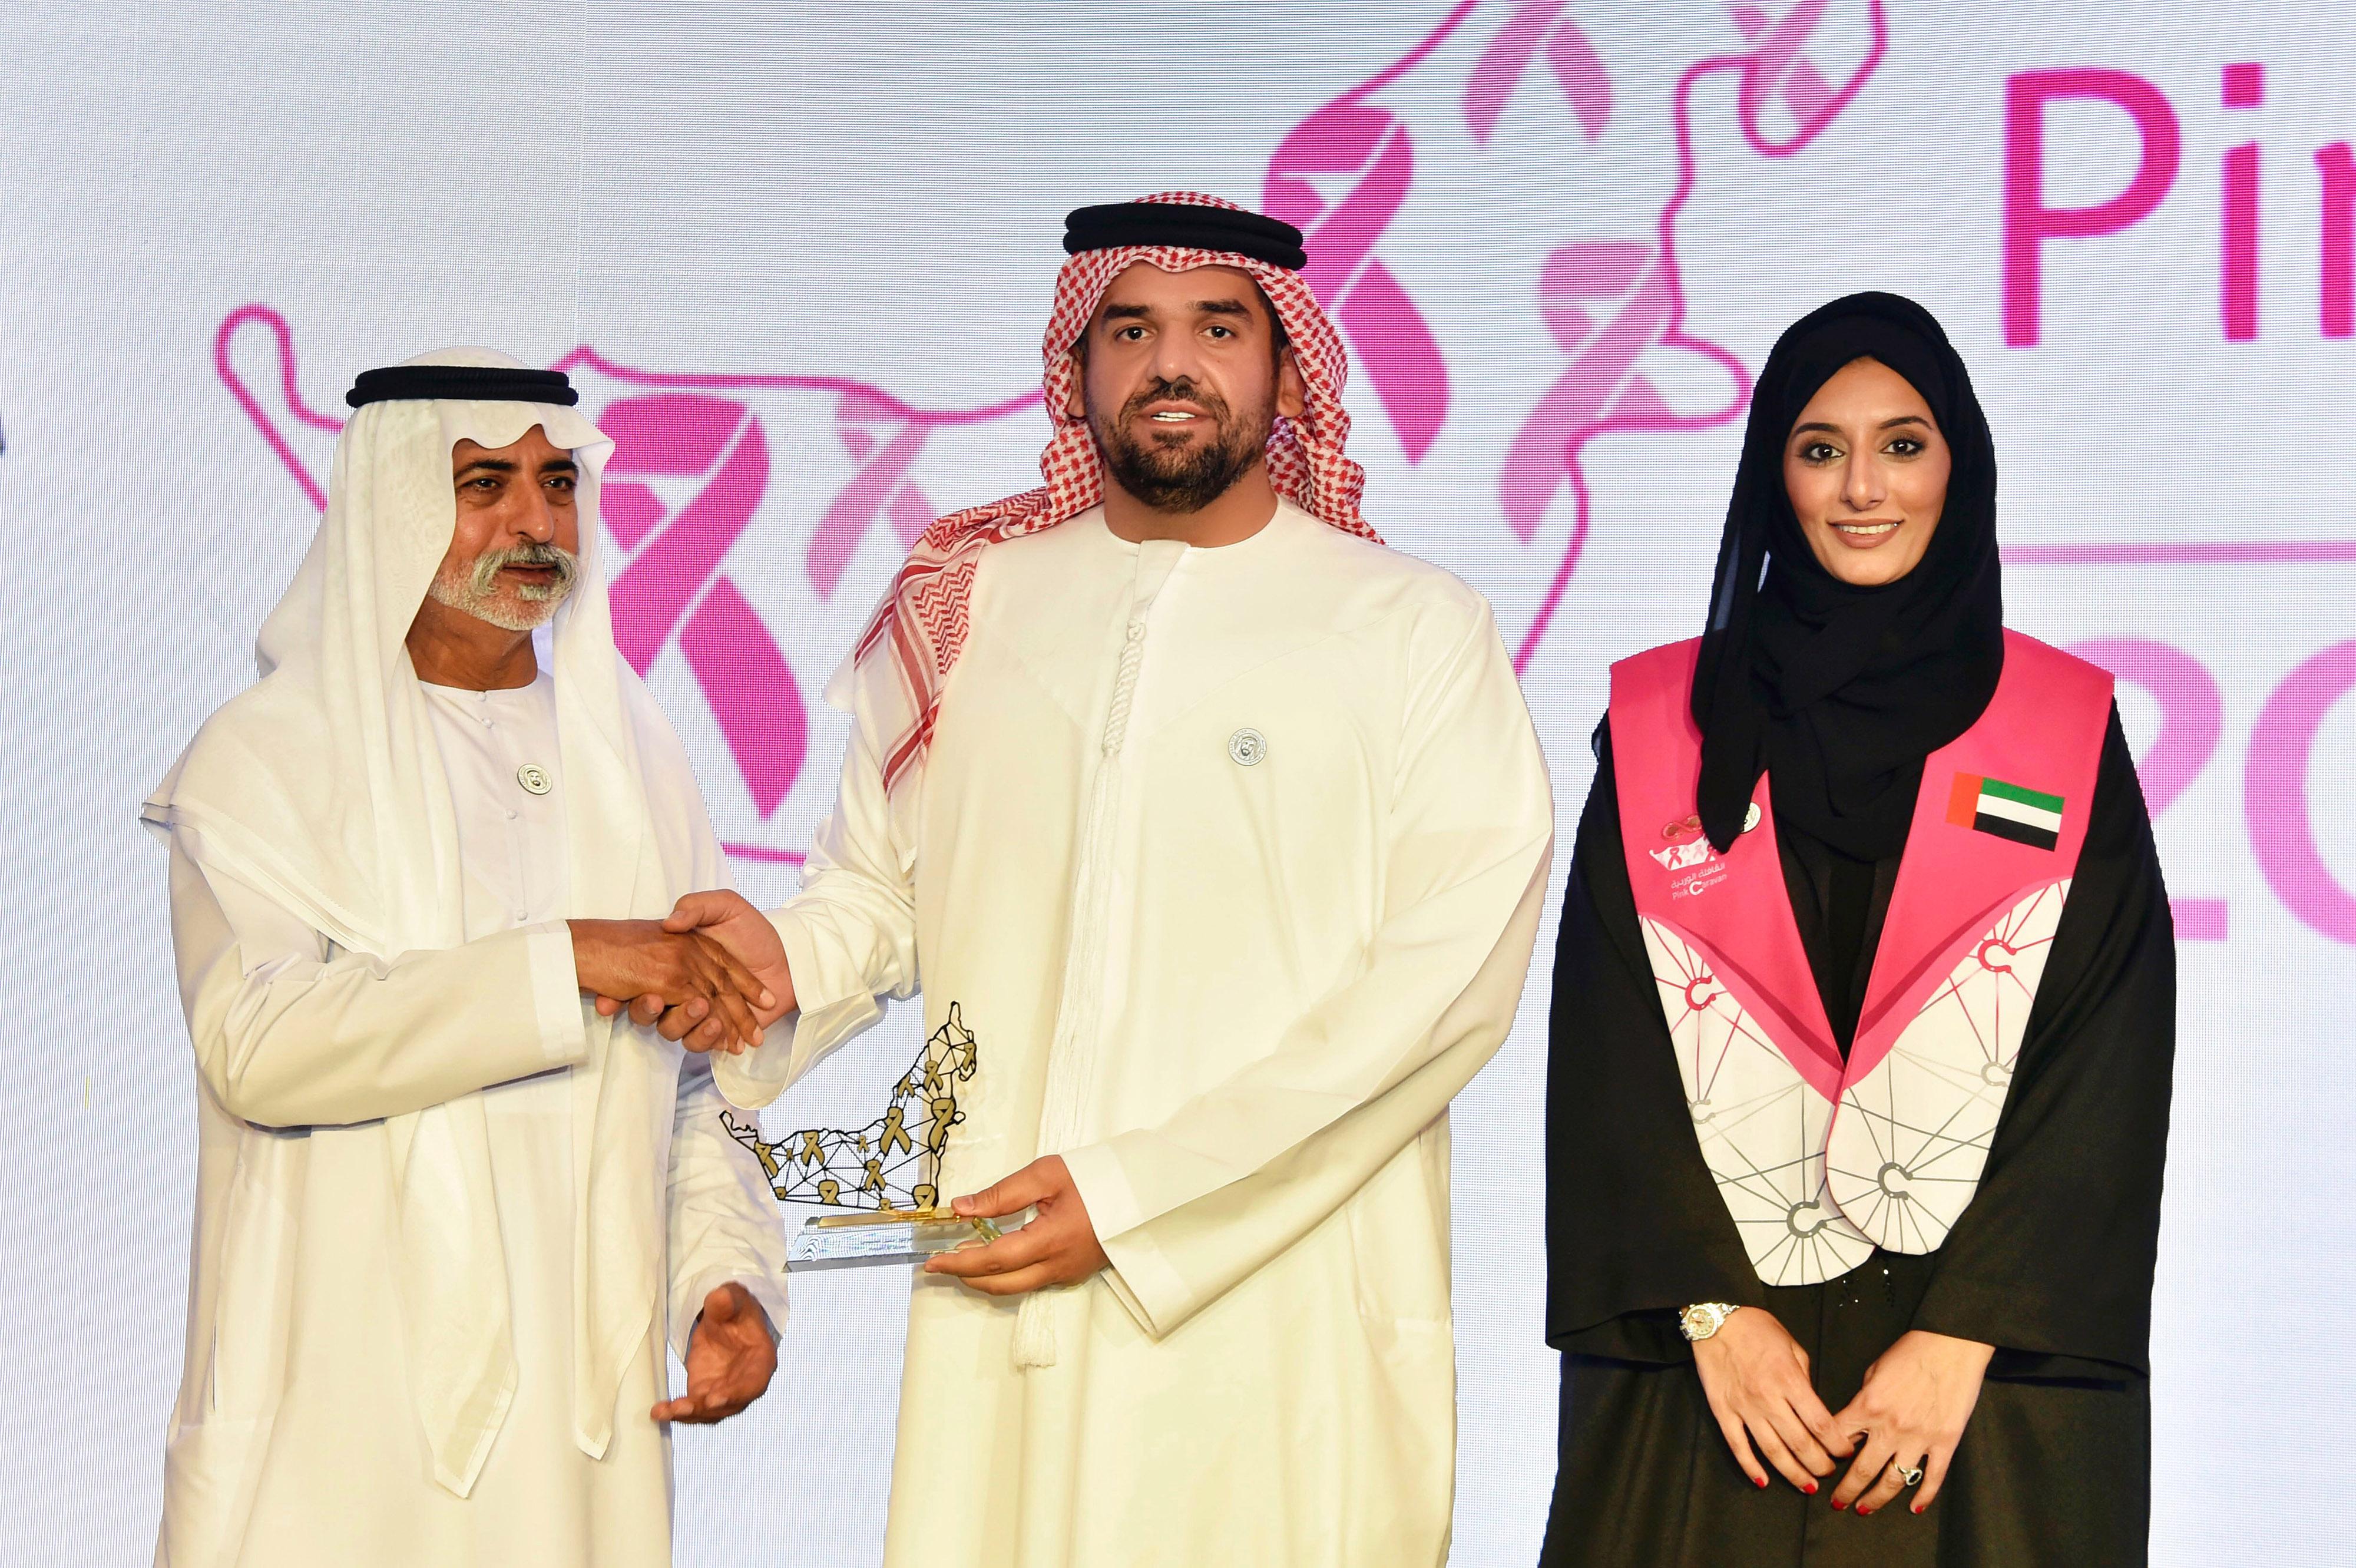 صورة تكريم حسين الجسمي كسفير للقافلة الوردية في مهرجان الوحدات المساندة للرماية